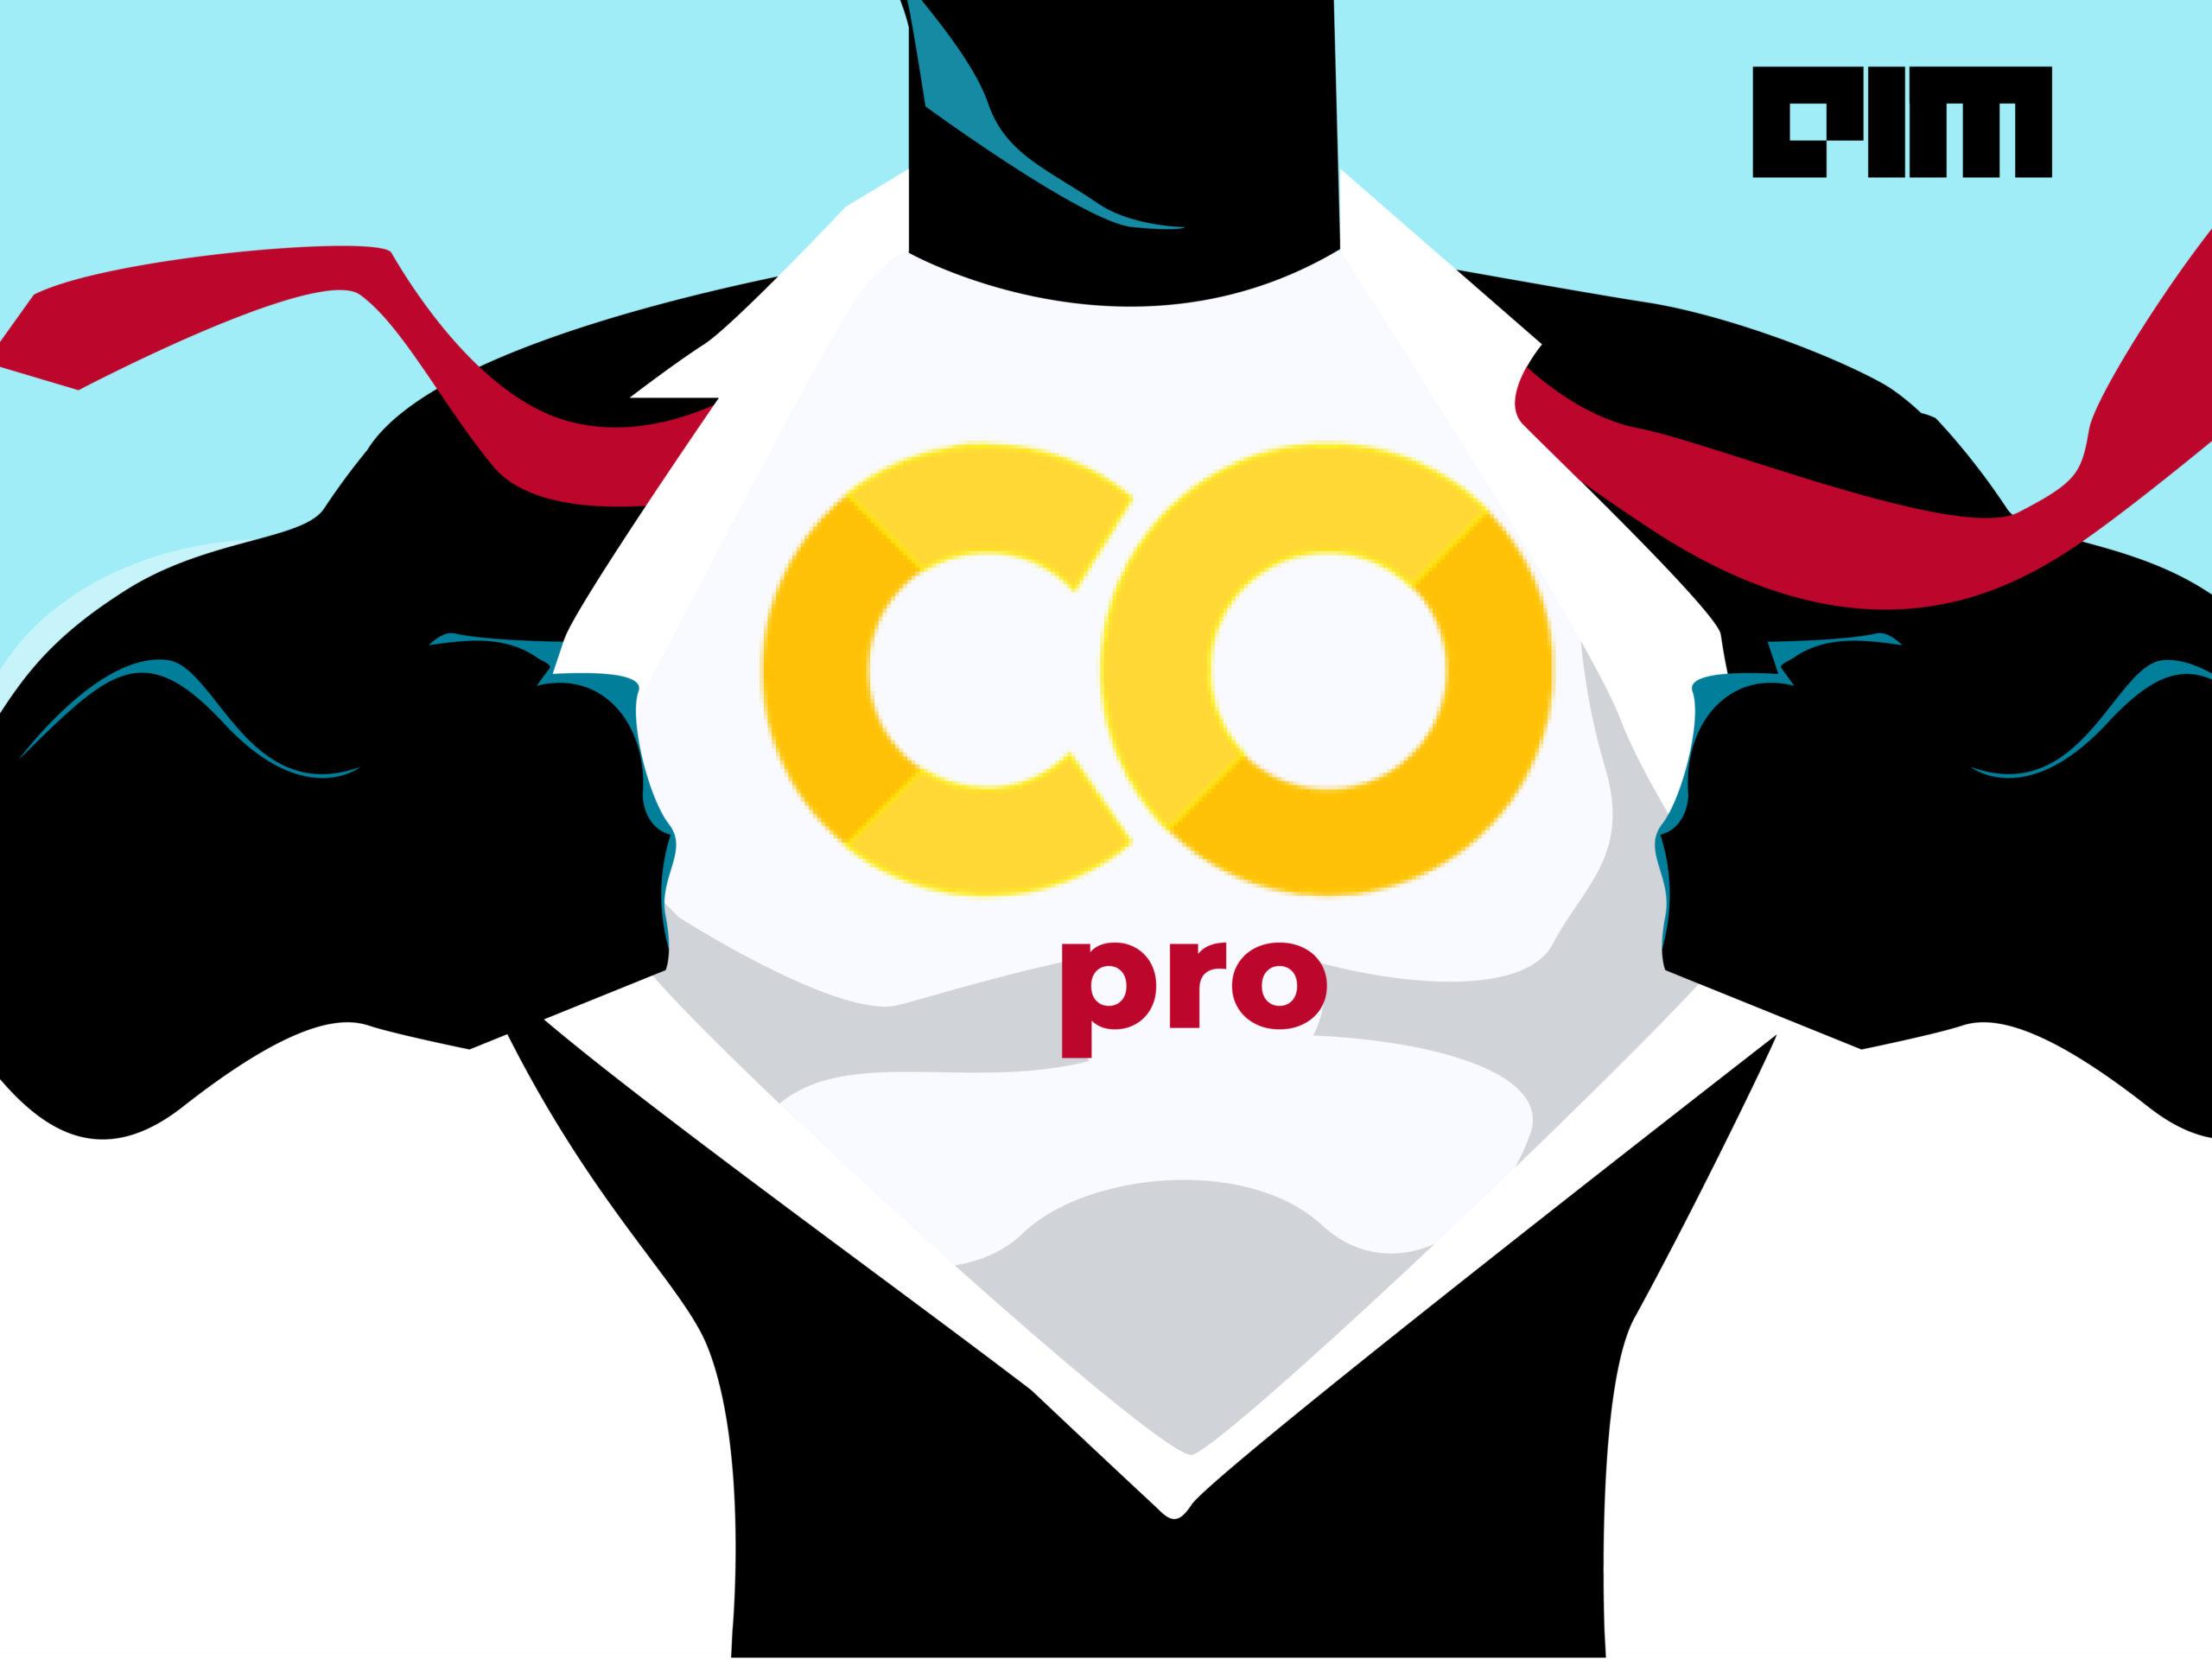 Colab Pro